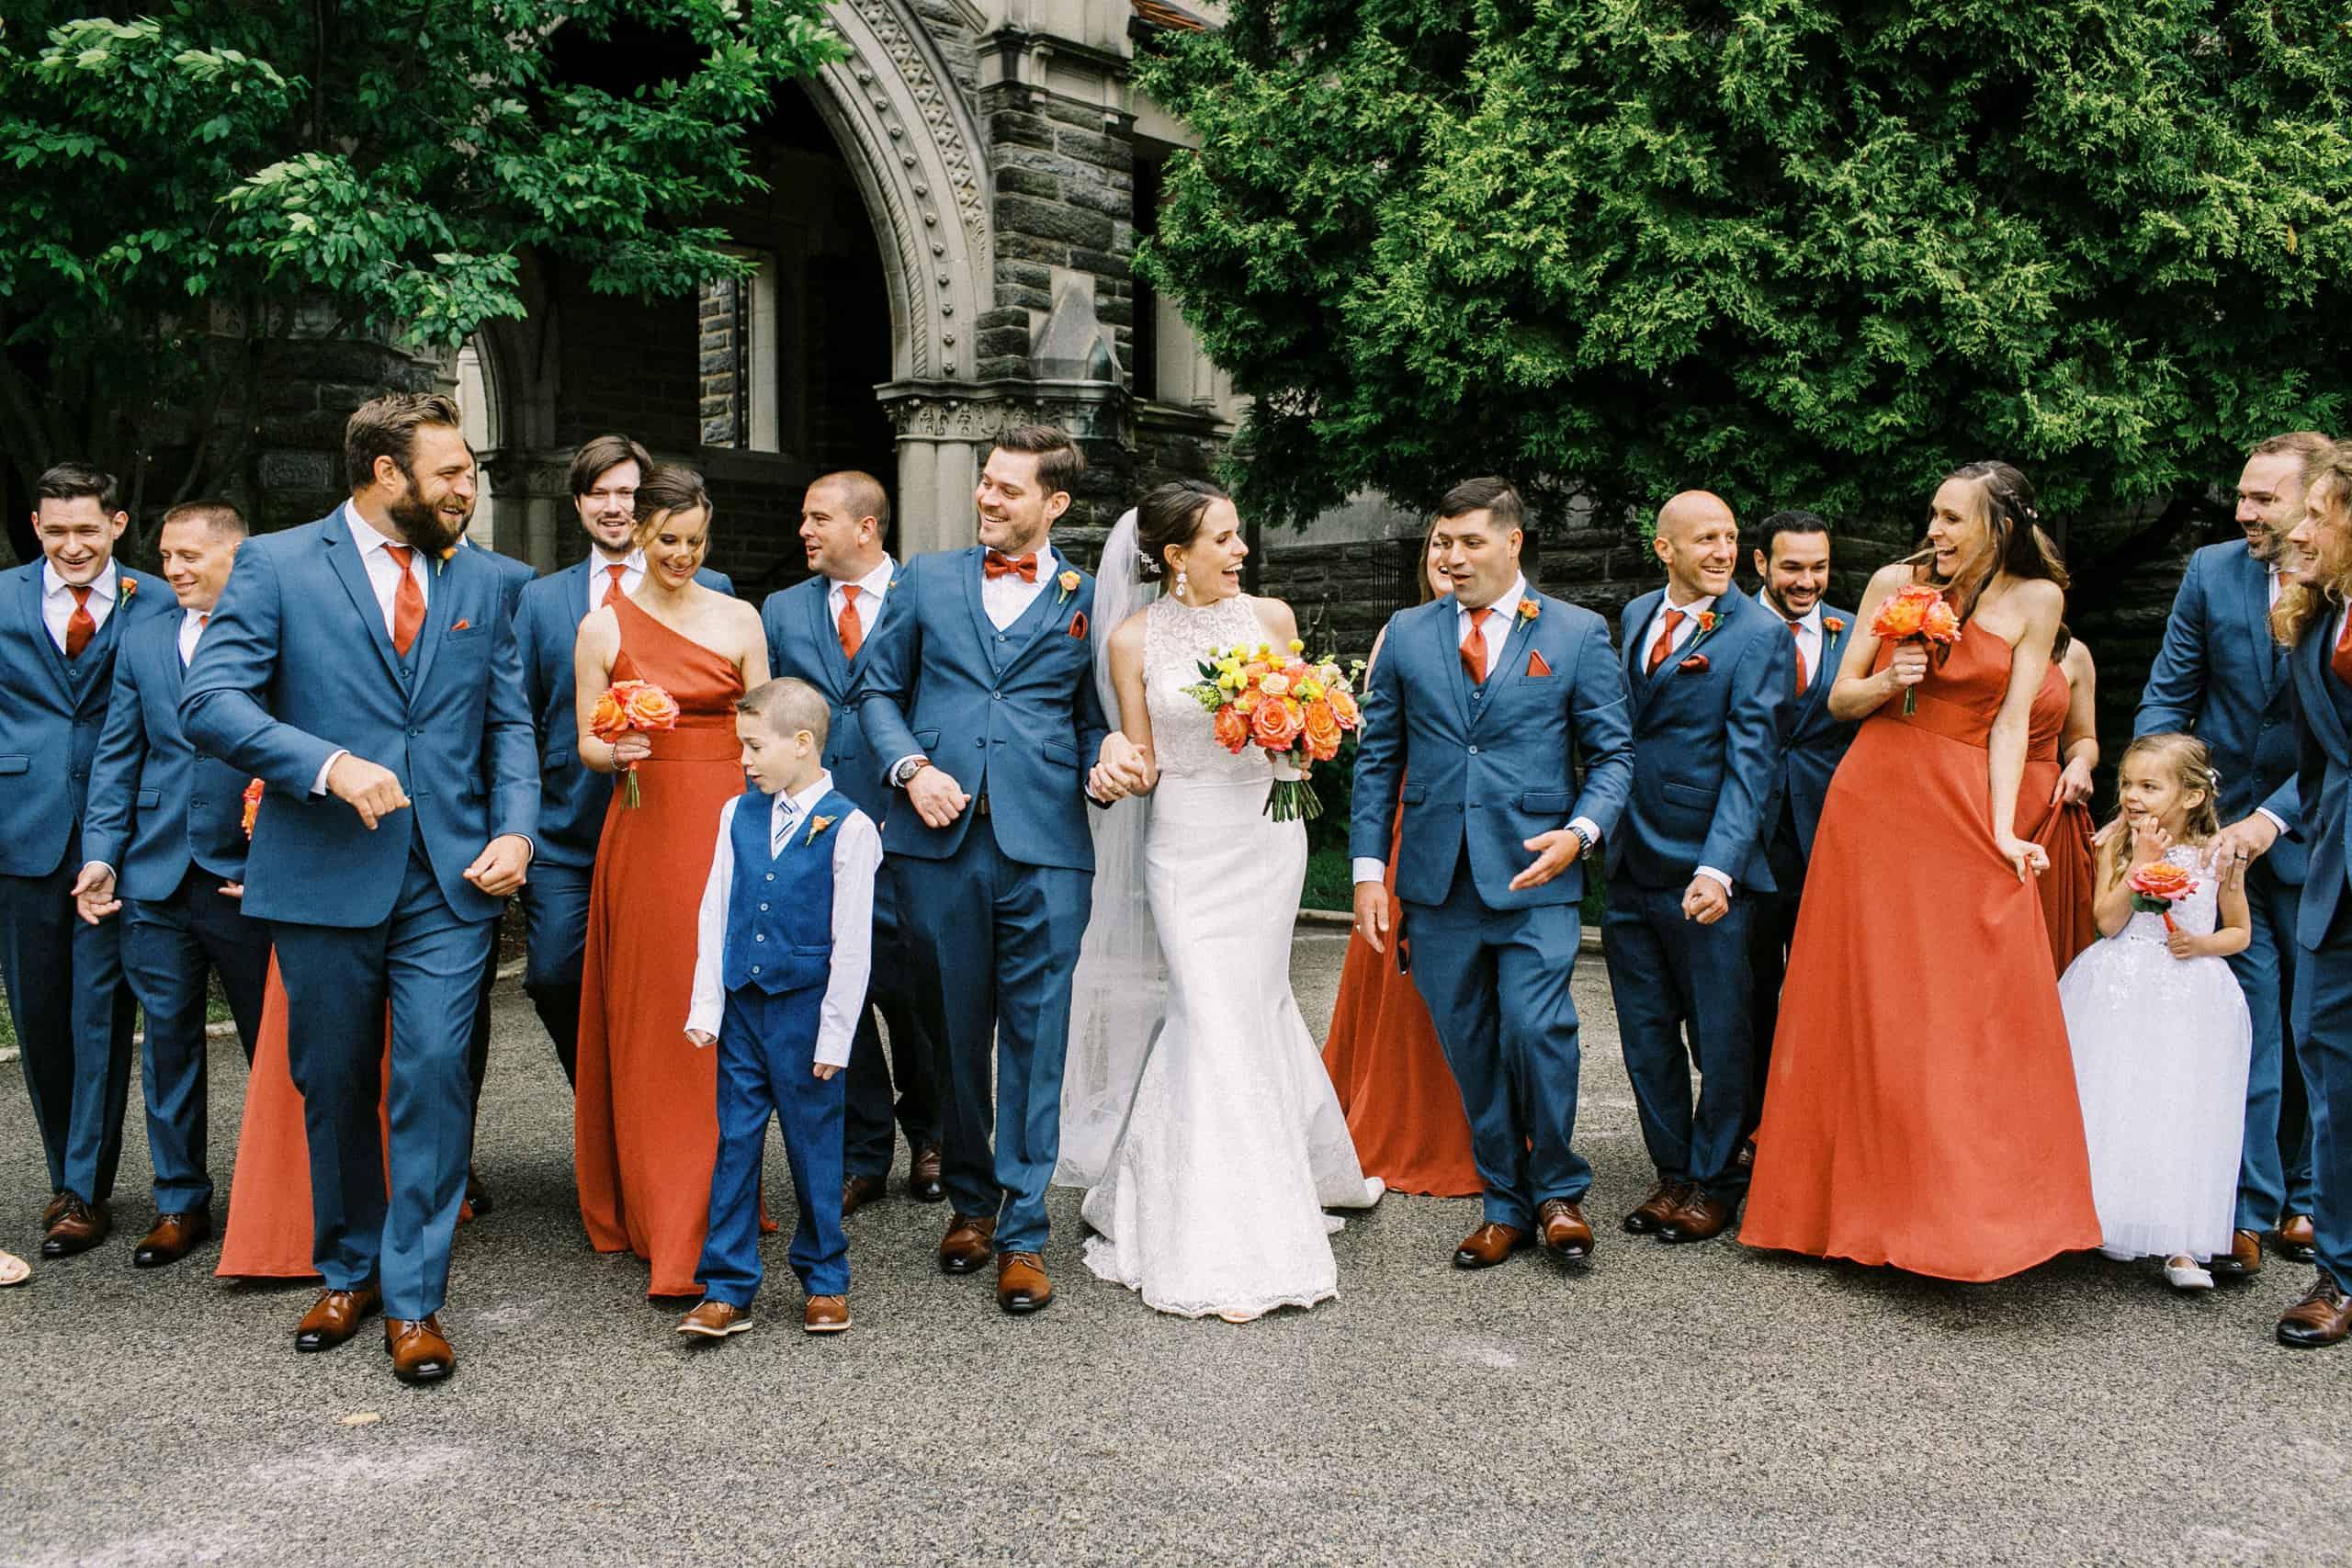 Chestnut Hill Philadelphia wedding Party